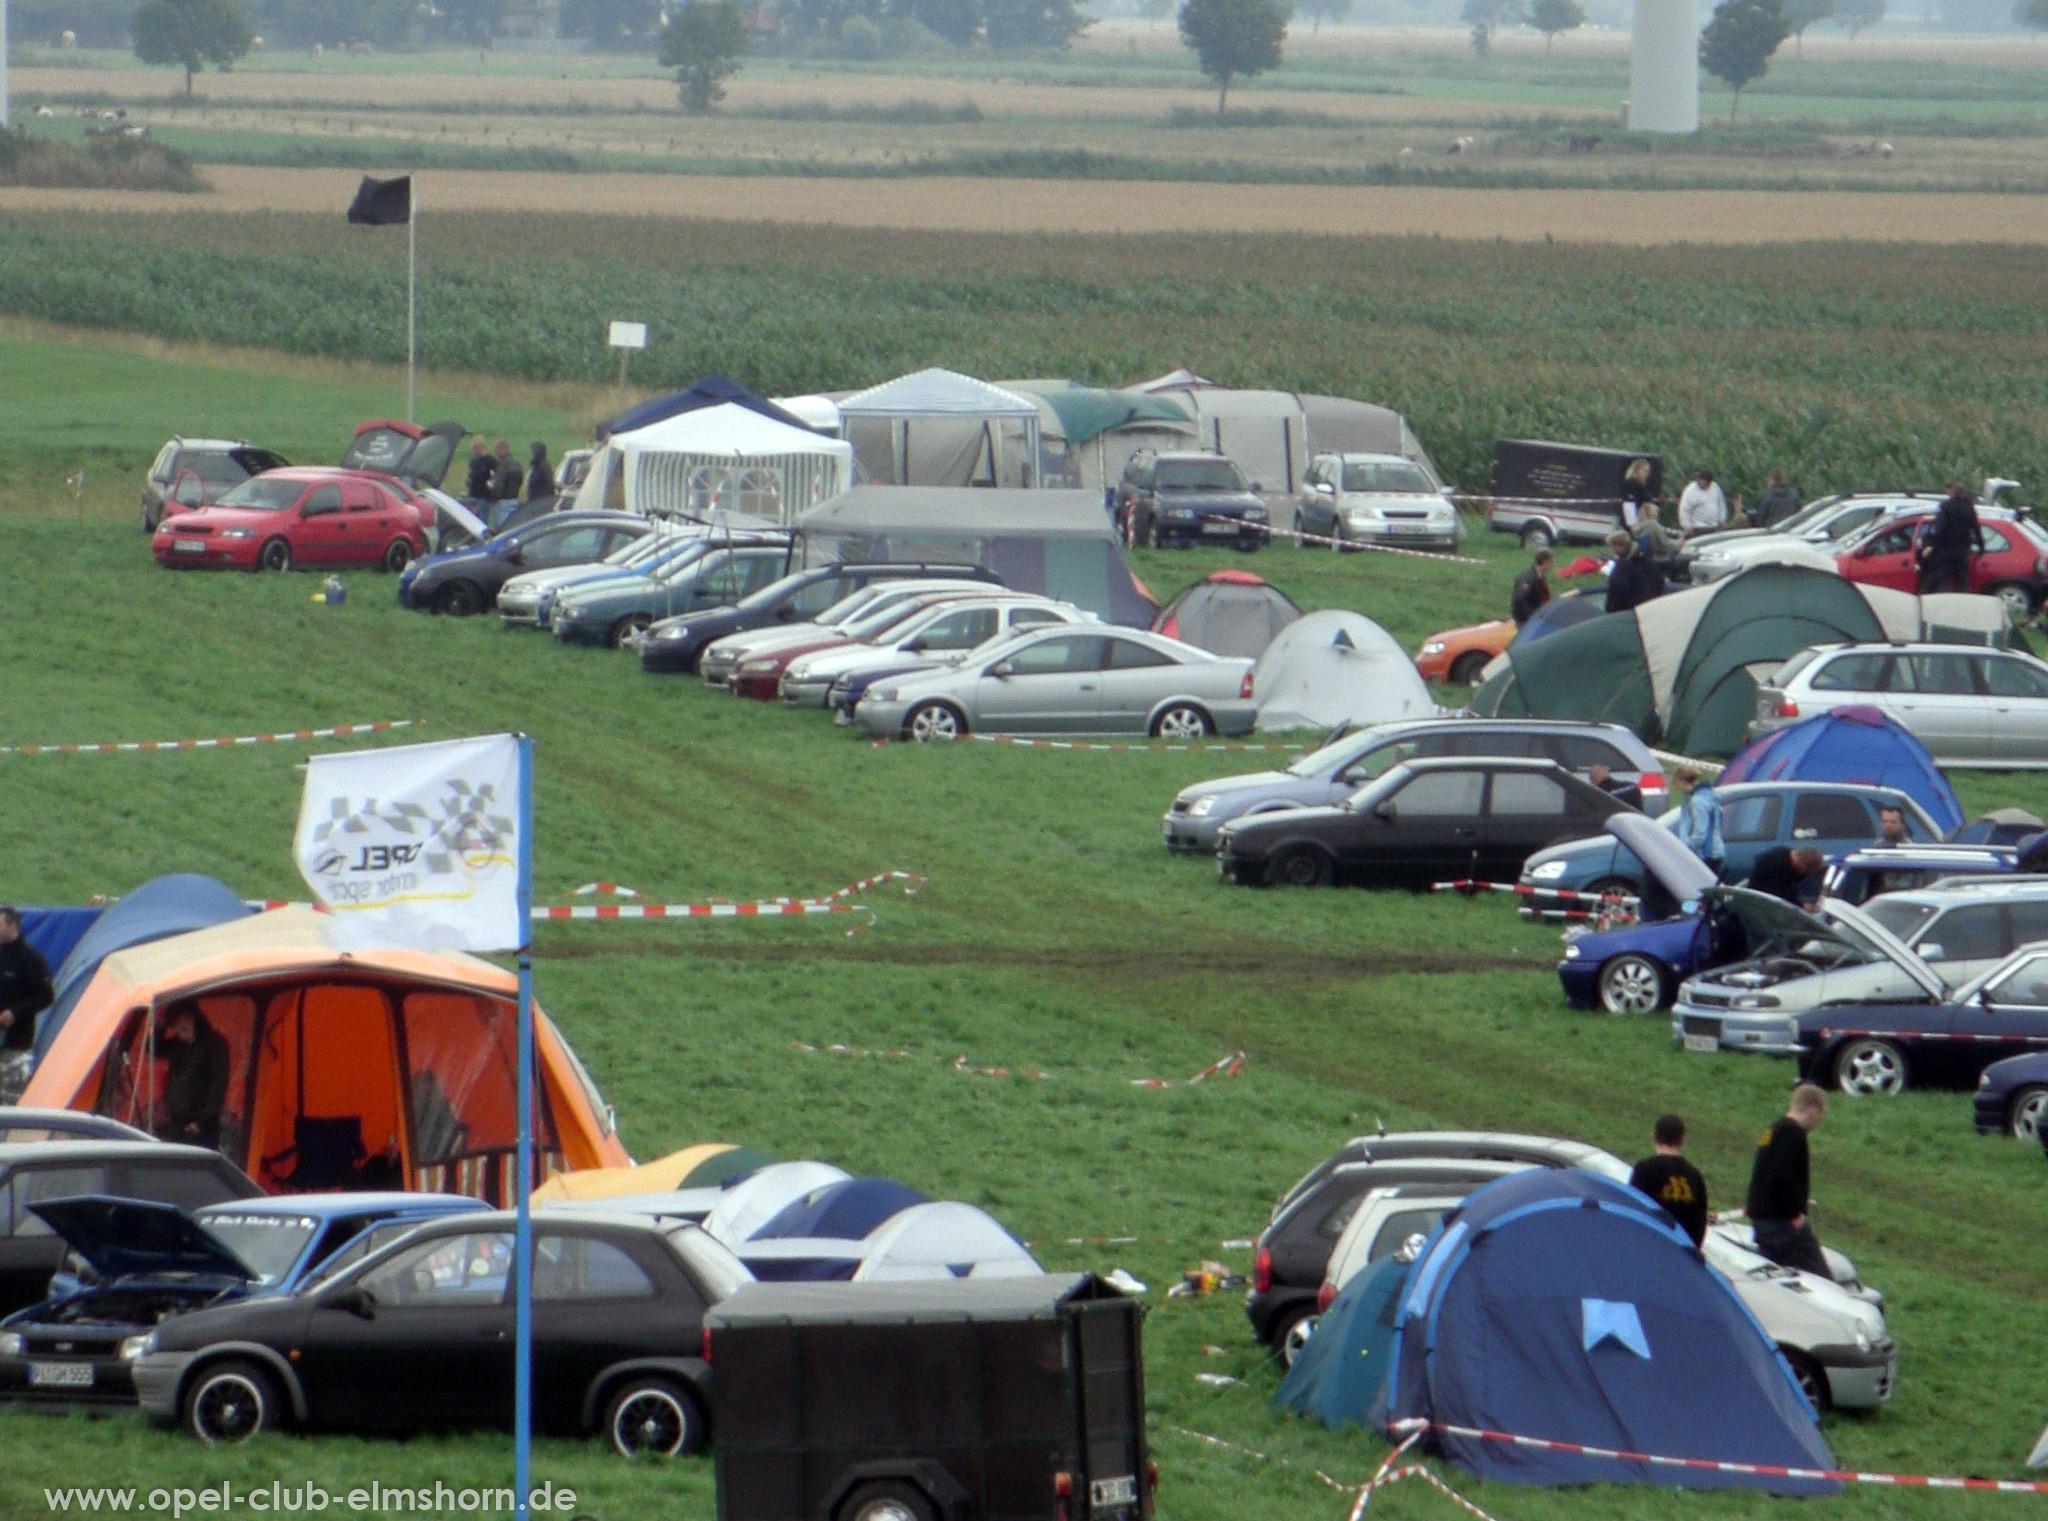 Opeltreffen Brunsbüttel Funmakers 2008 - 20080719_131153 - Da hinten stehen wir